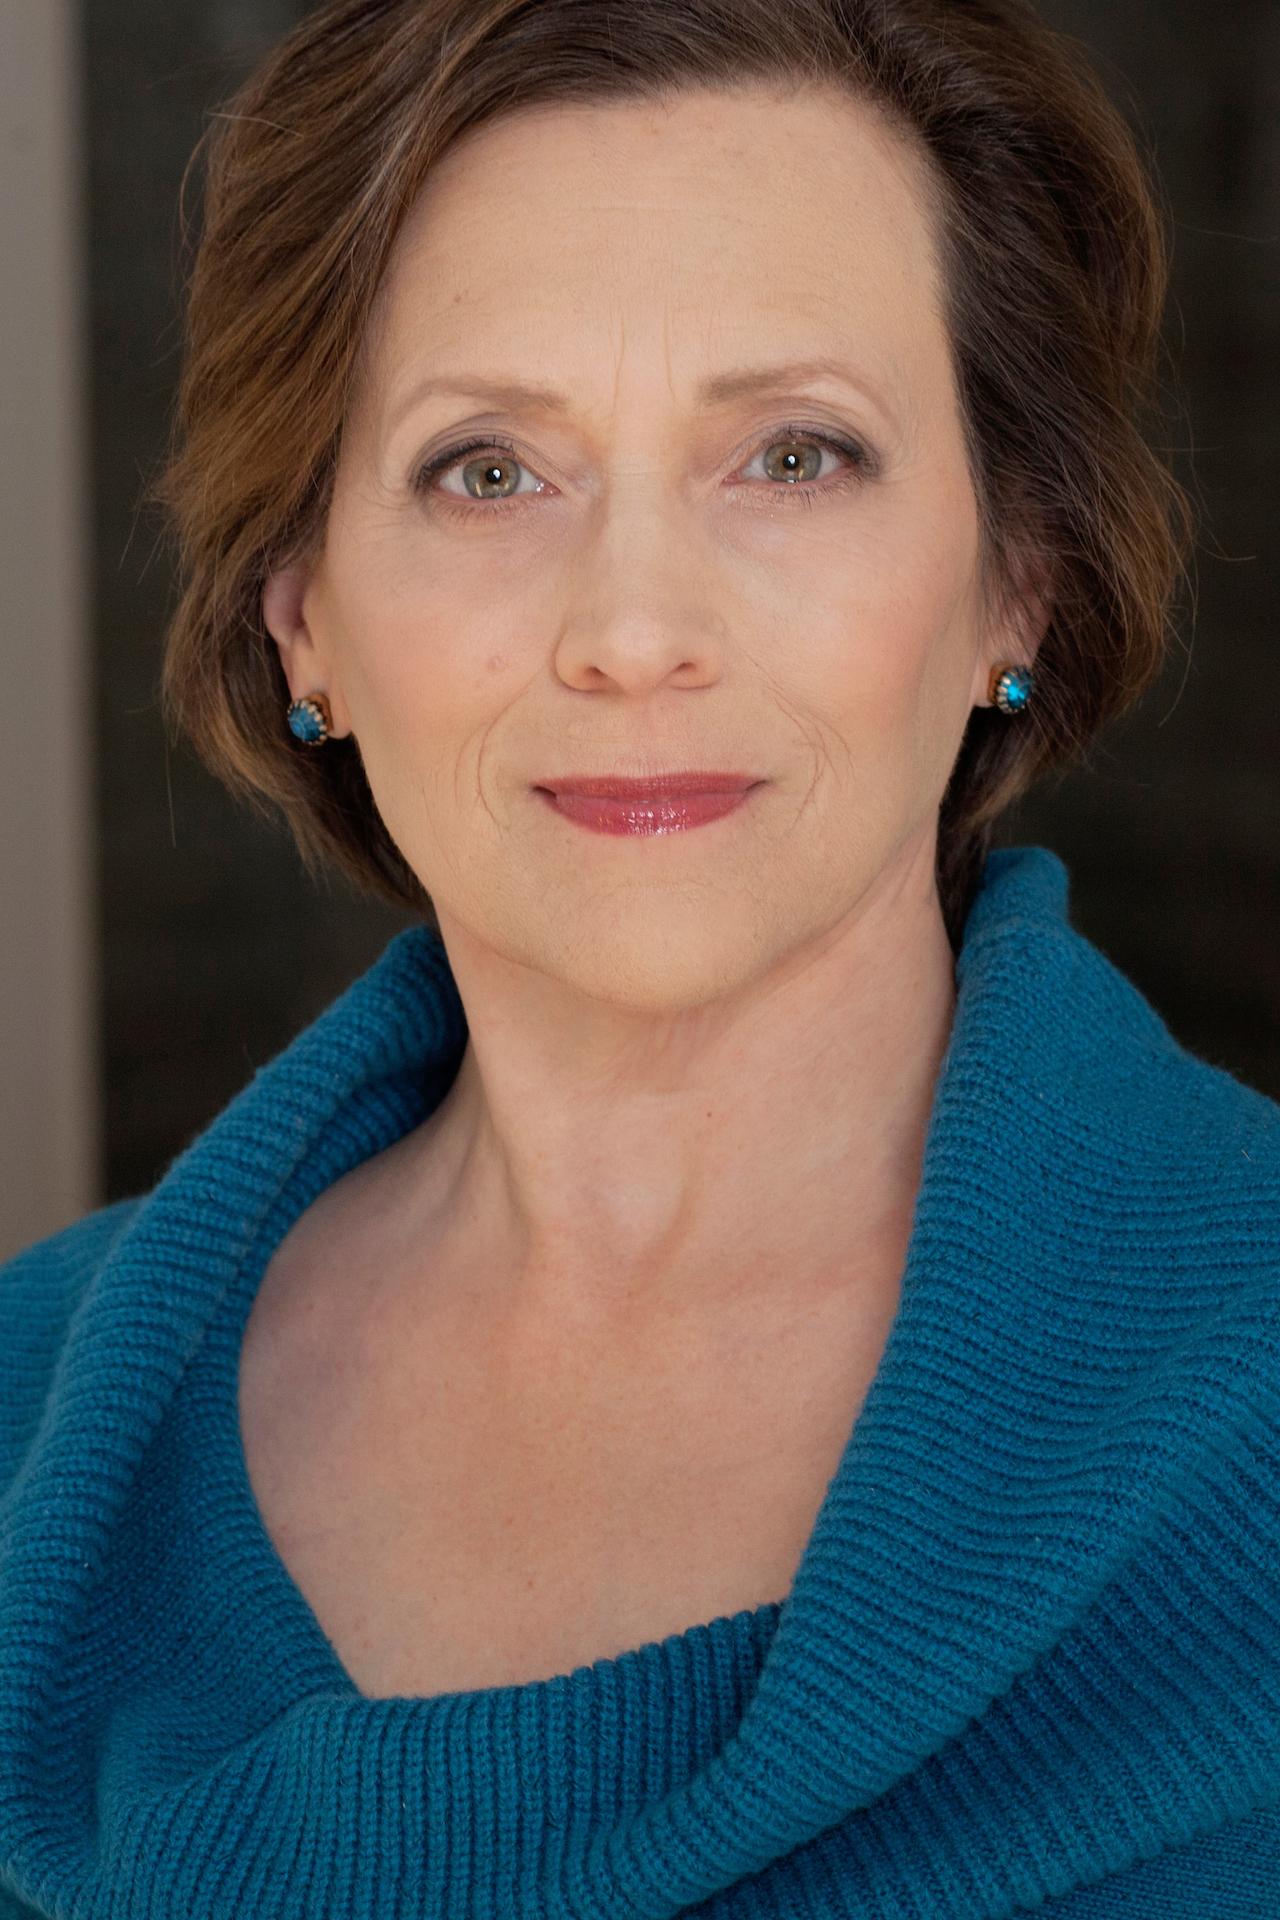 E. Ashley Izard